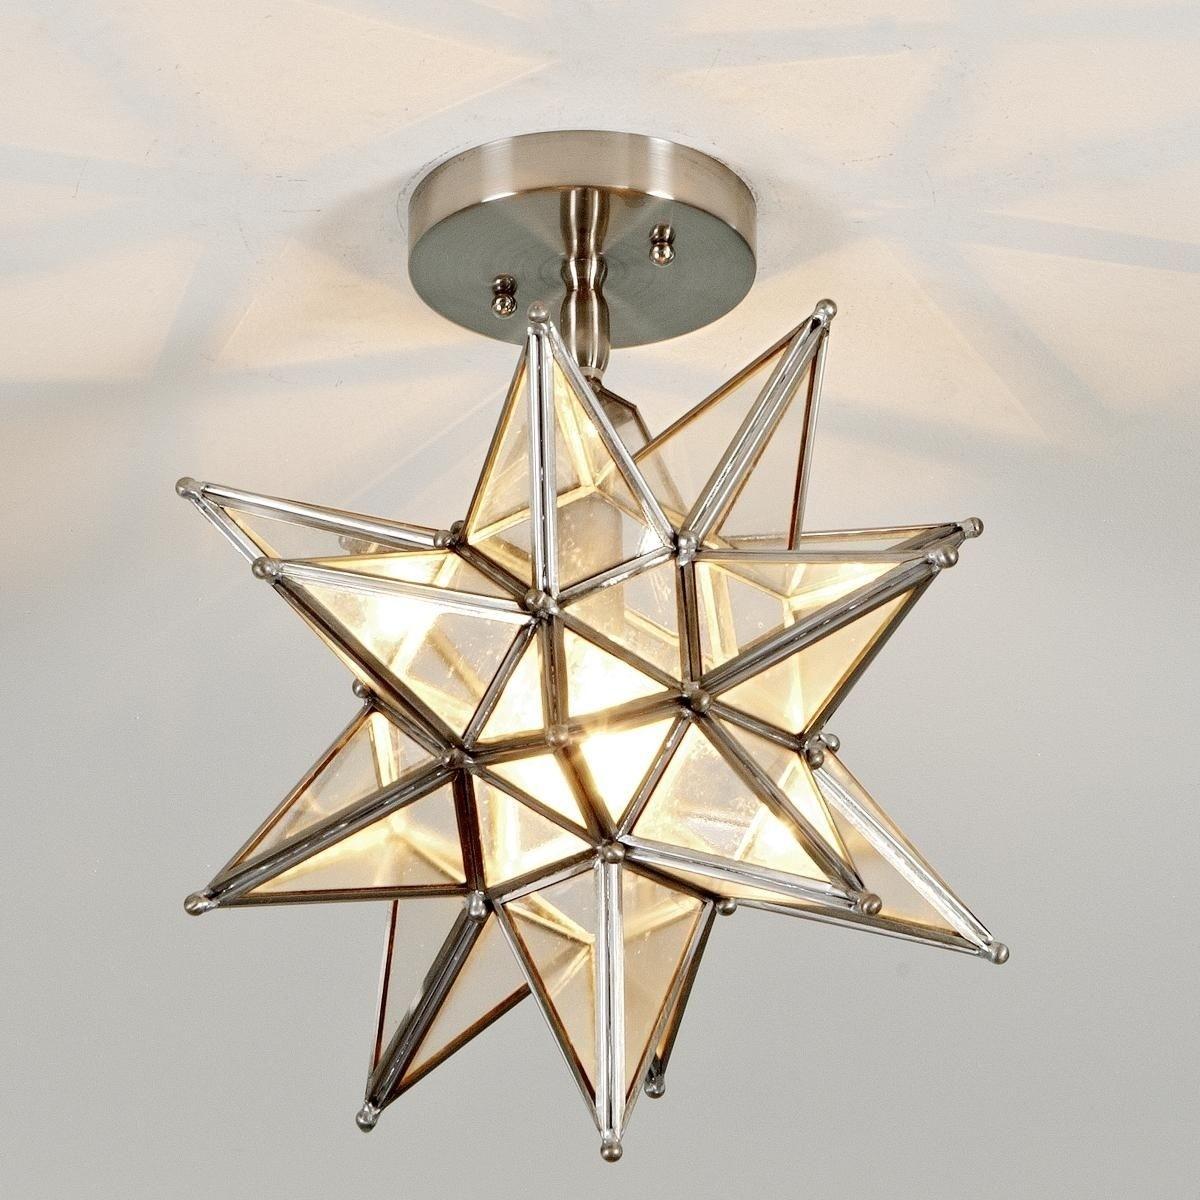 Star Ceiling Light Fixture Ideas On Foter